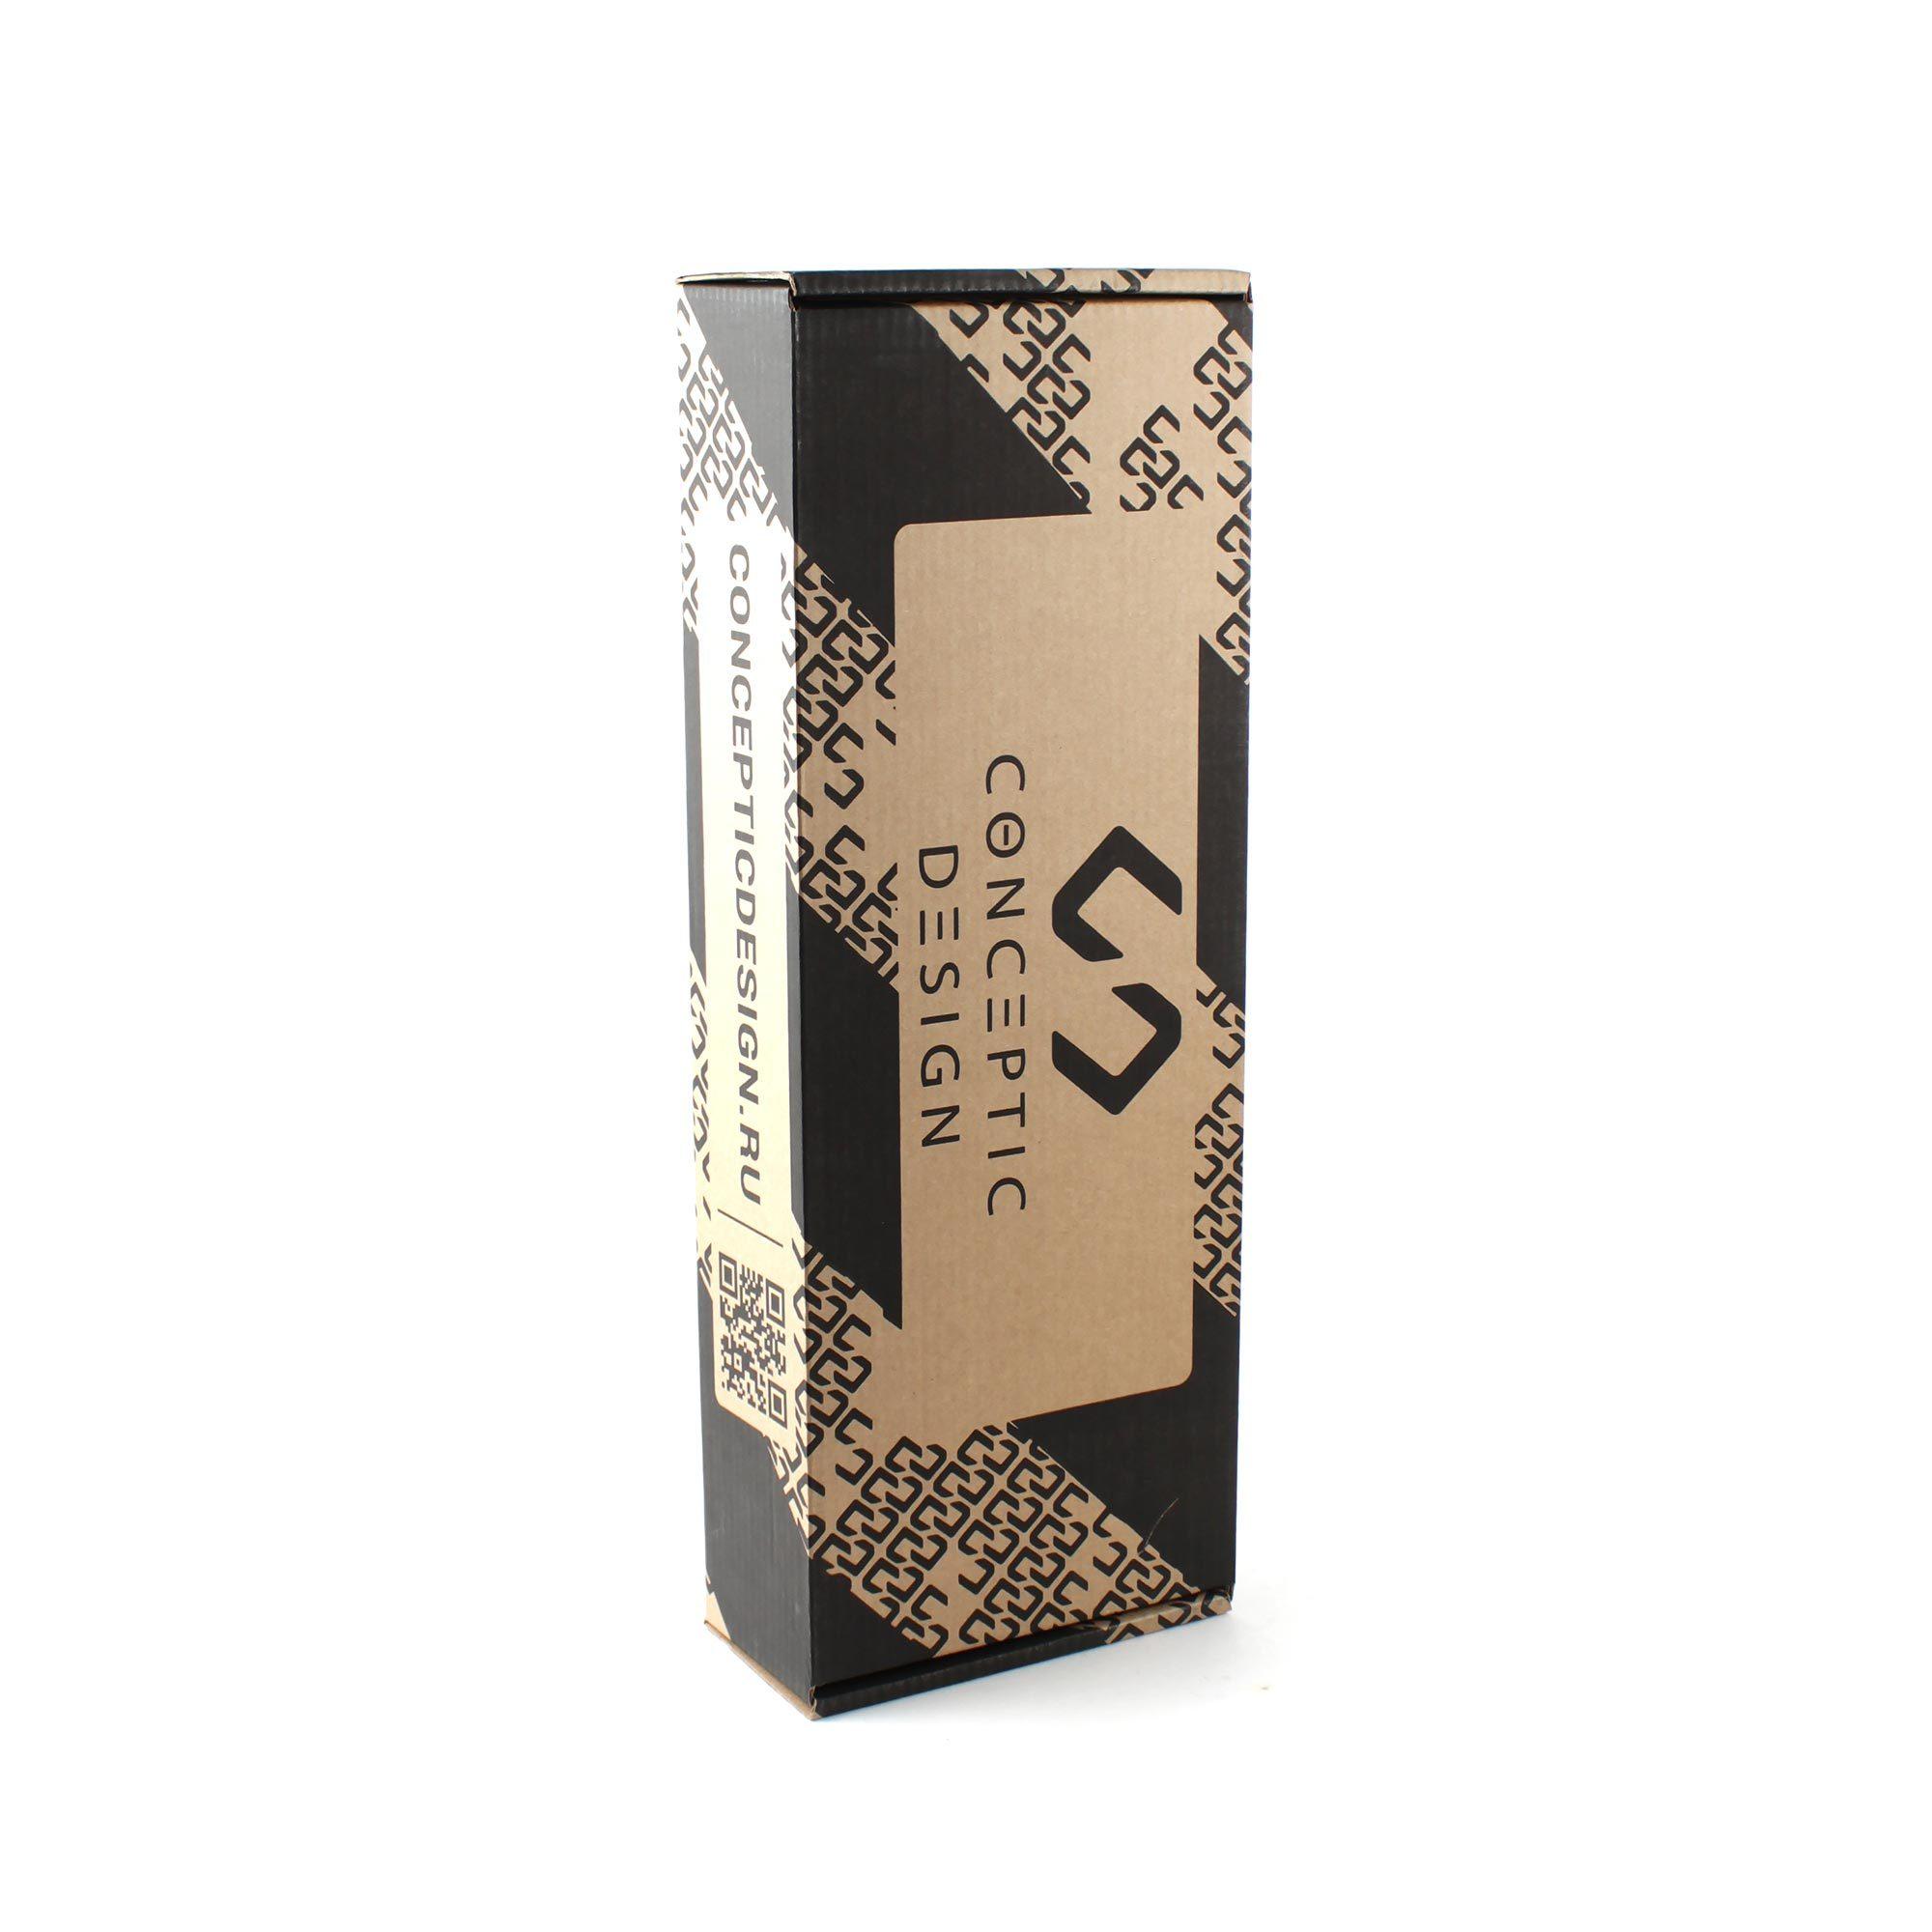 Фирменная коробка Conceptic Design (Carbon)